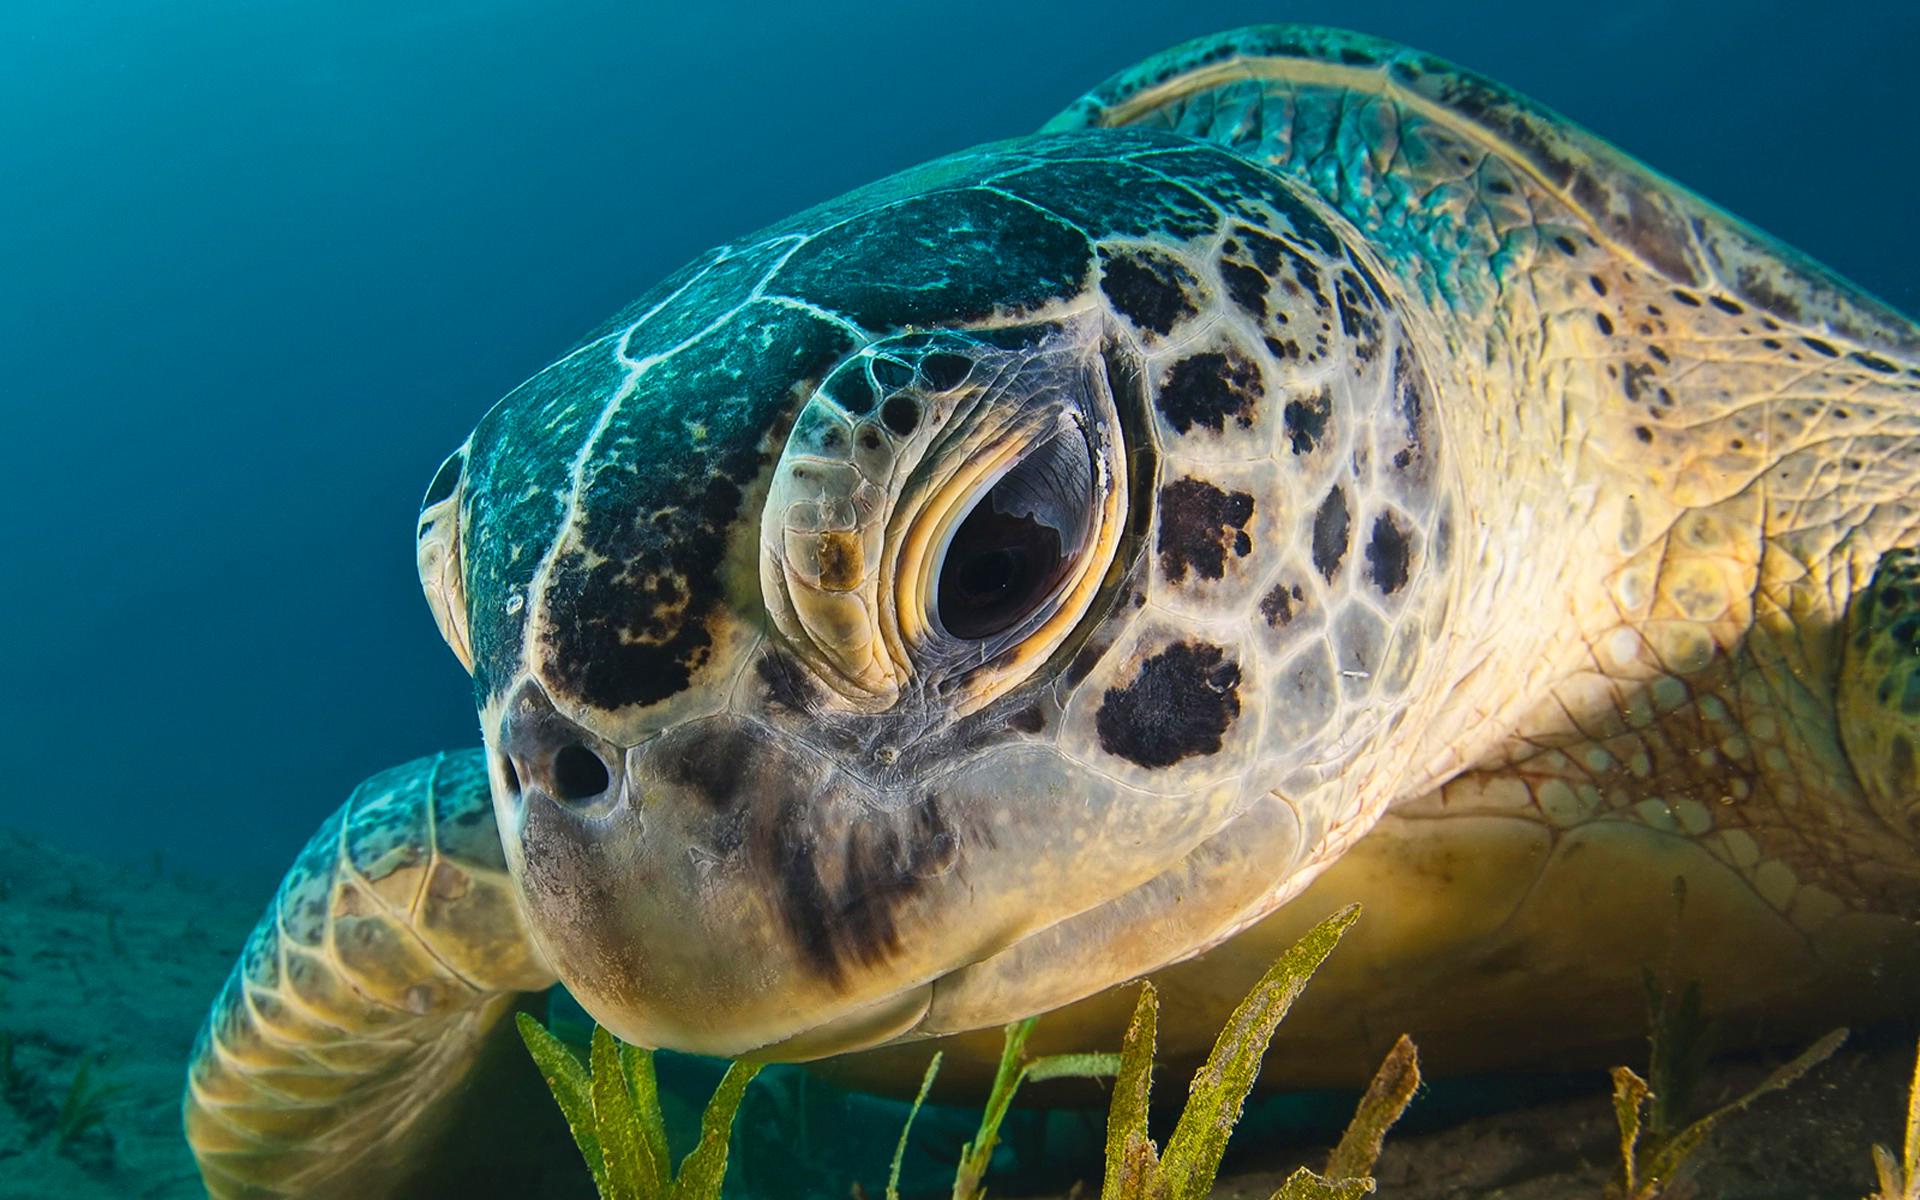 Sea Turtle Water Hd Desktop Wallpapers 4k Hd